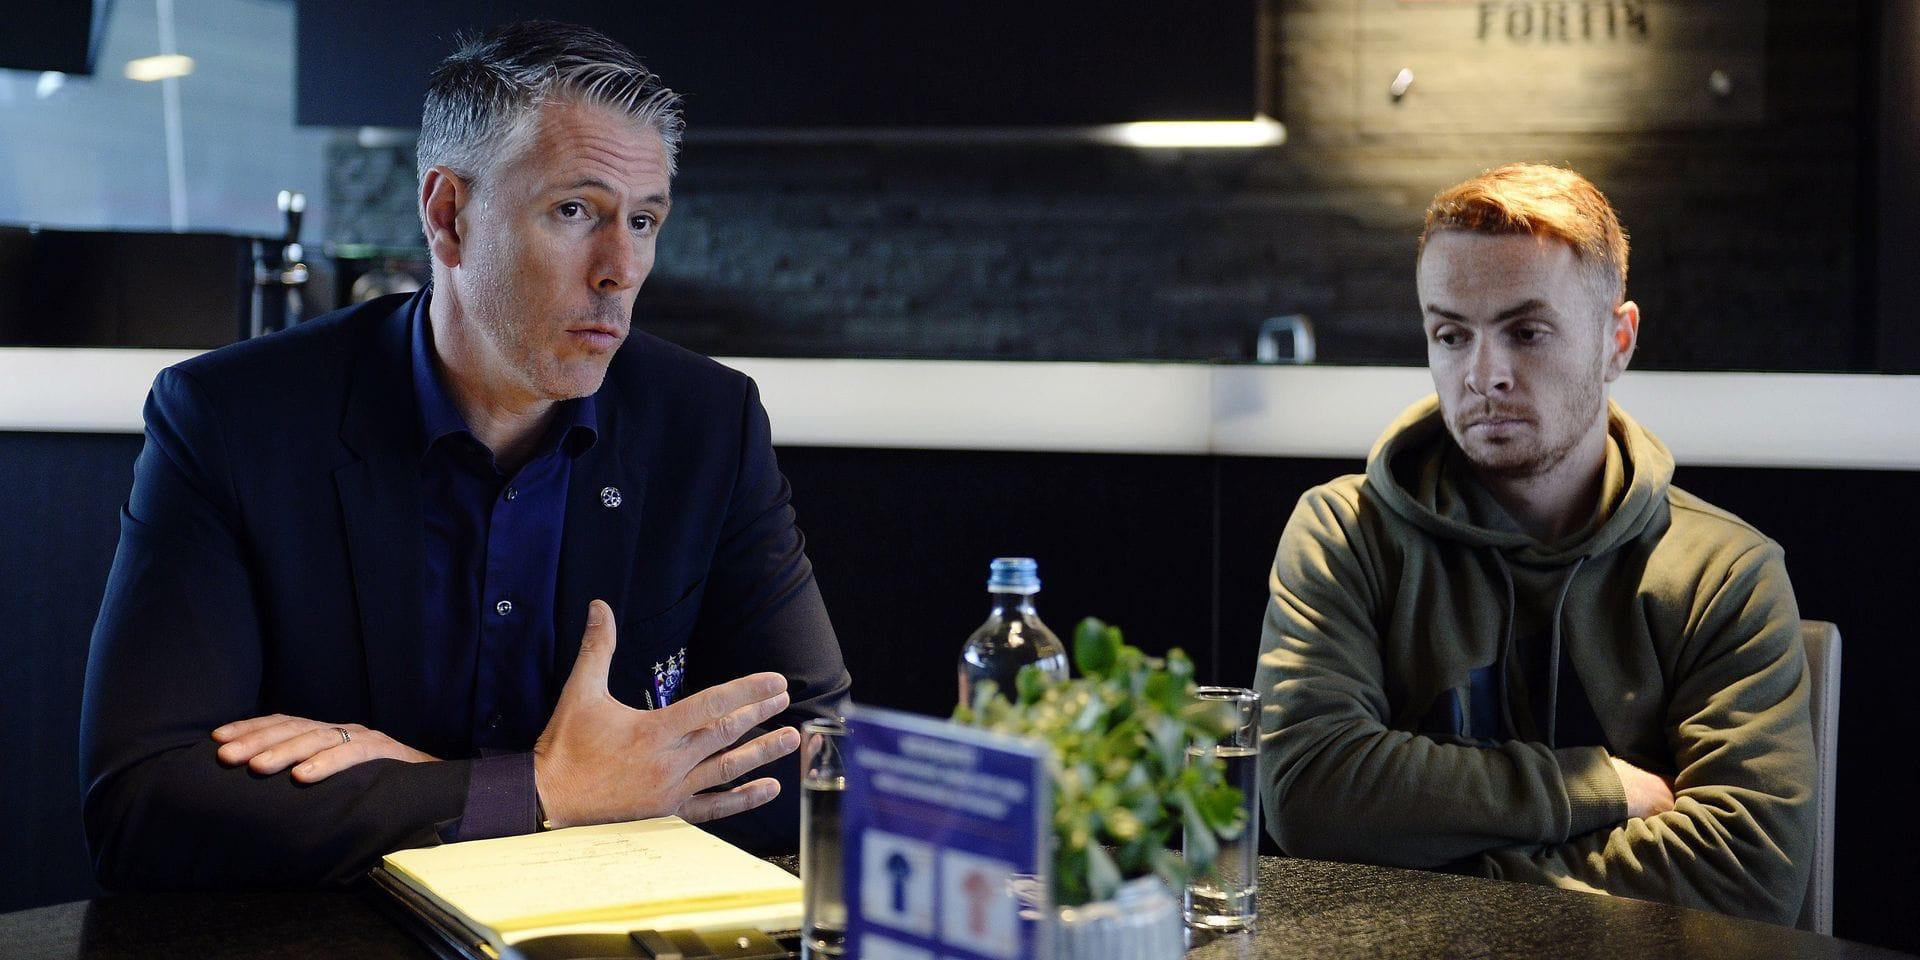 Michael Verschueren and Adrien Trebel talking with the media